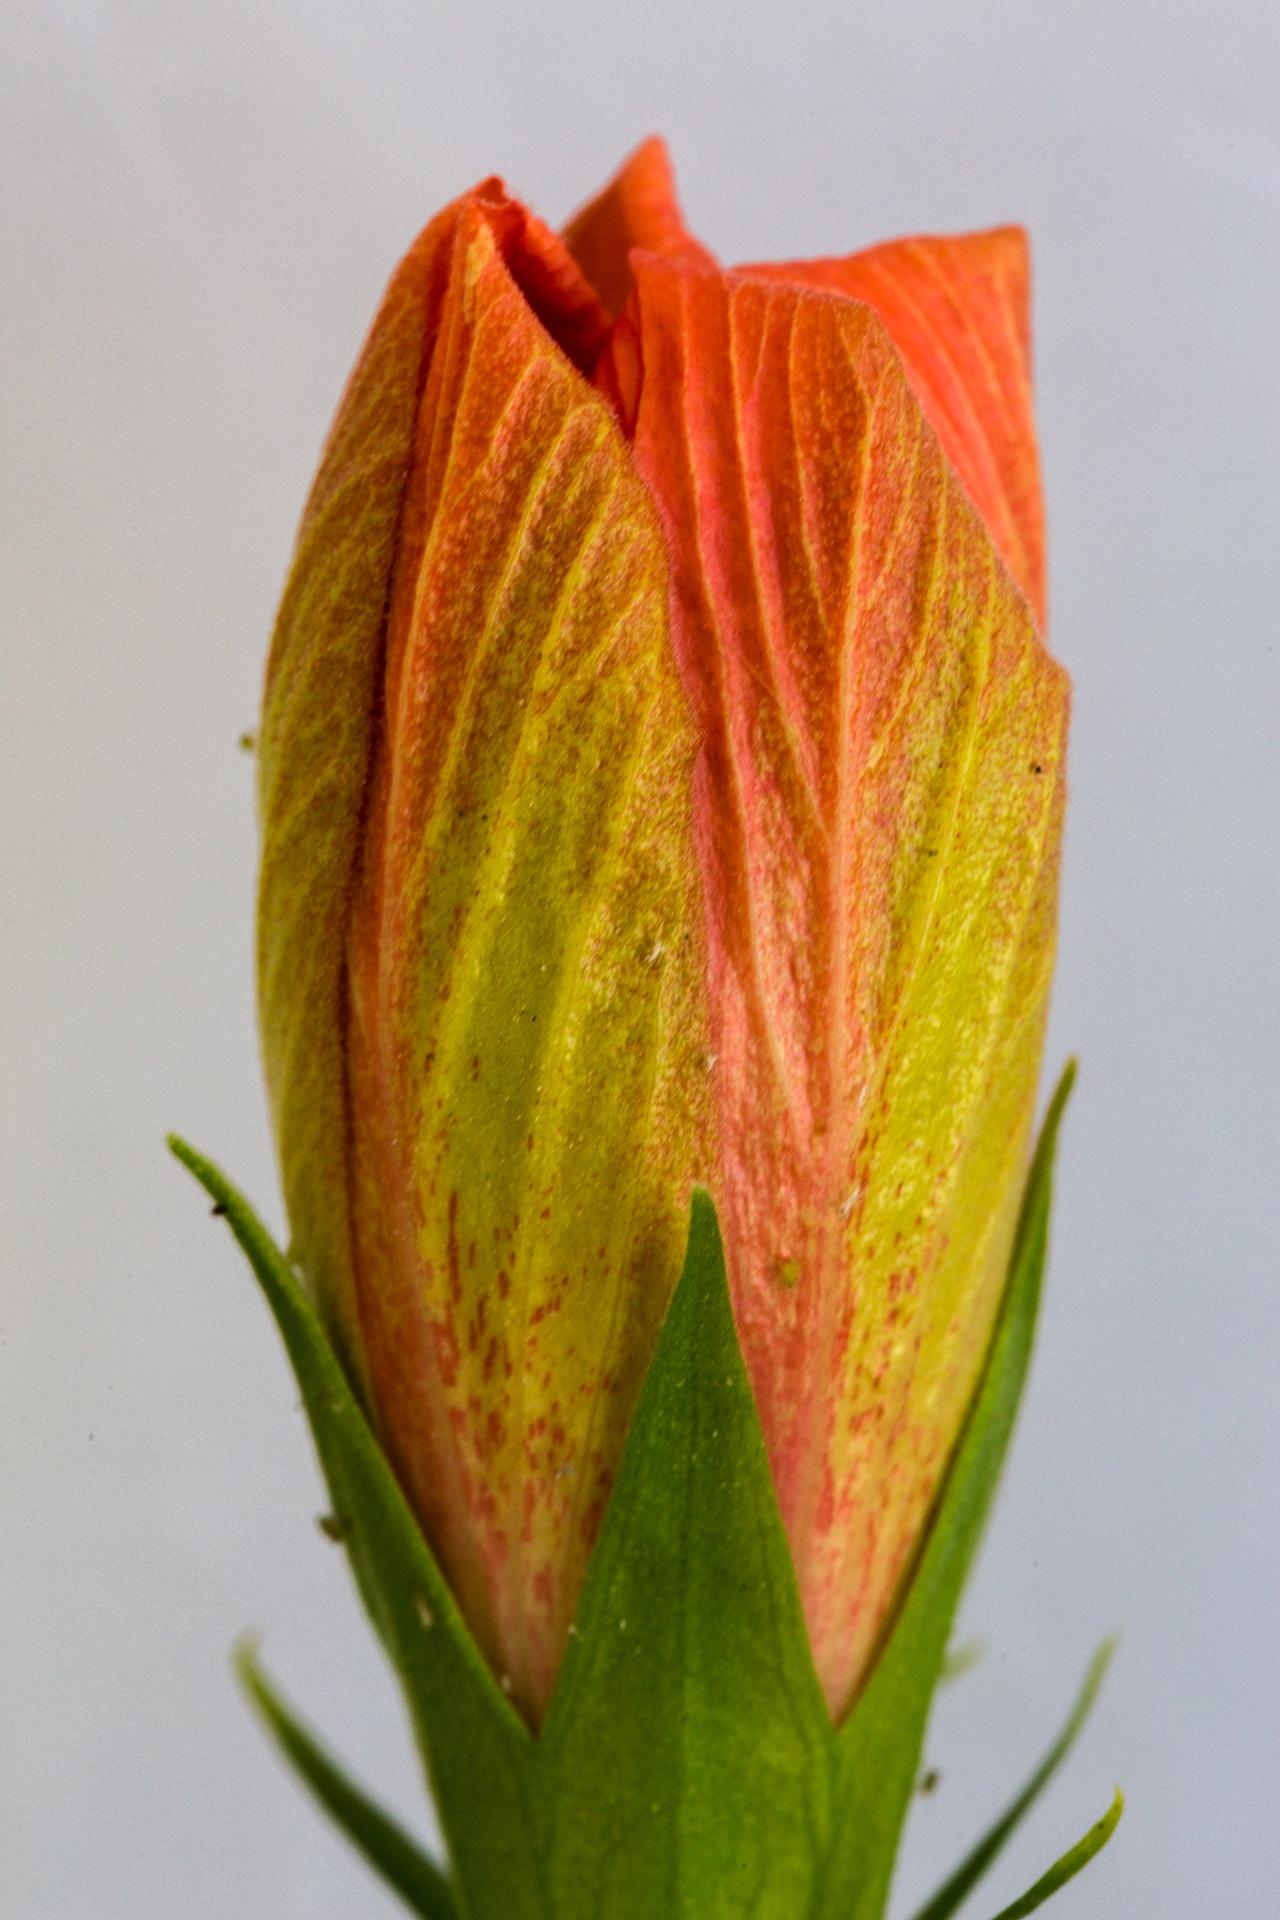 Hibiscus bud close-up